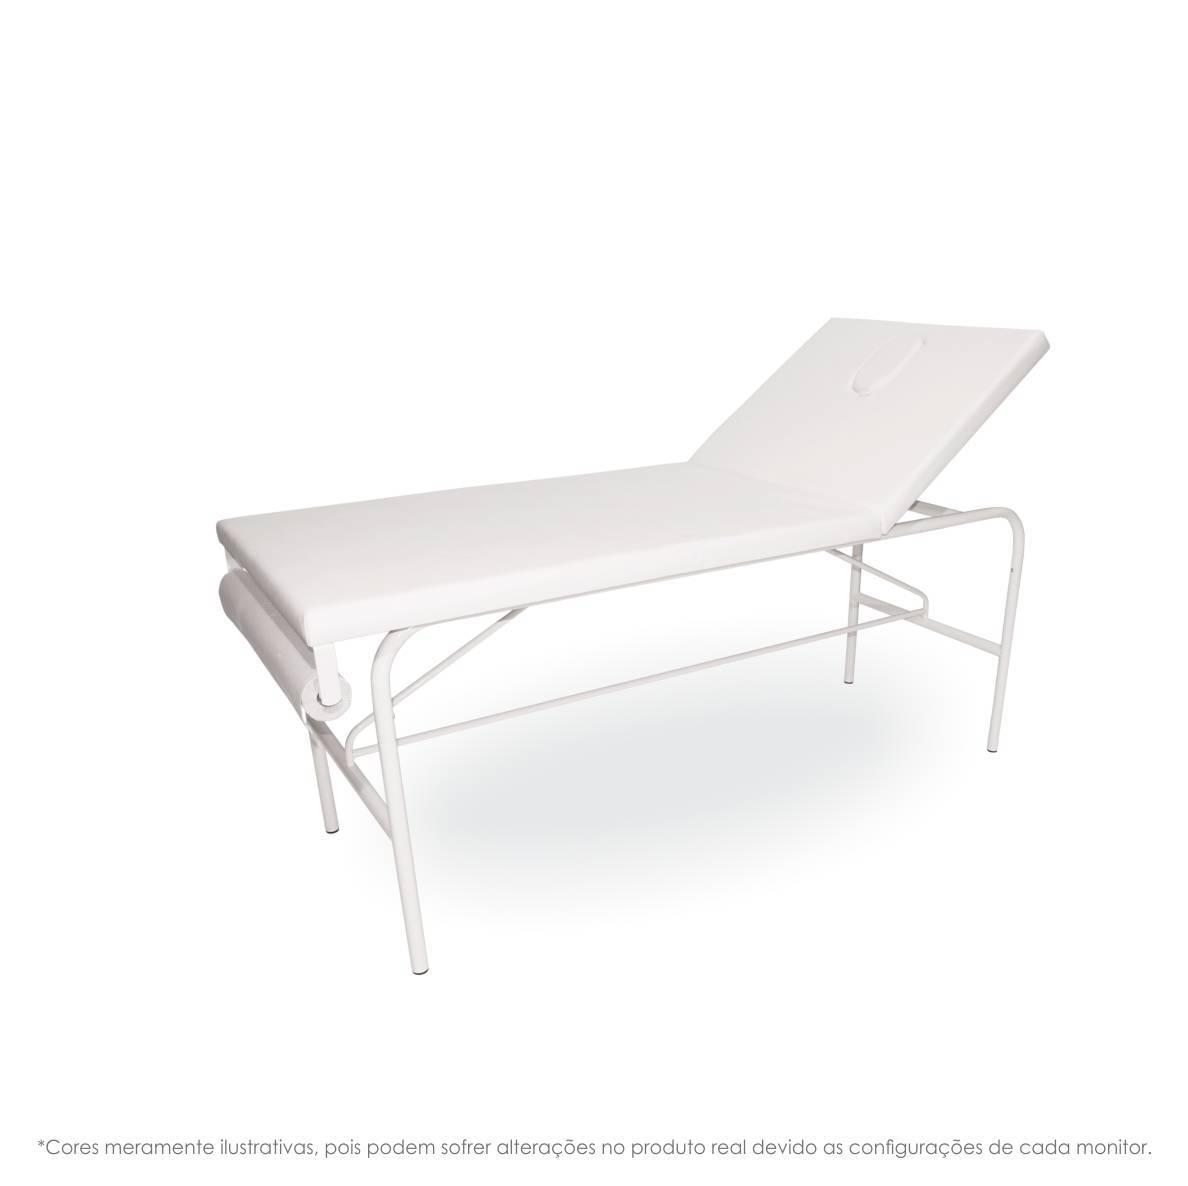 Cama de Massagem - Maxi